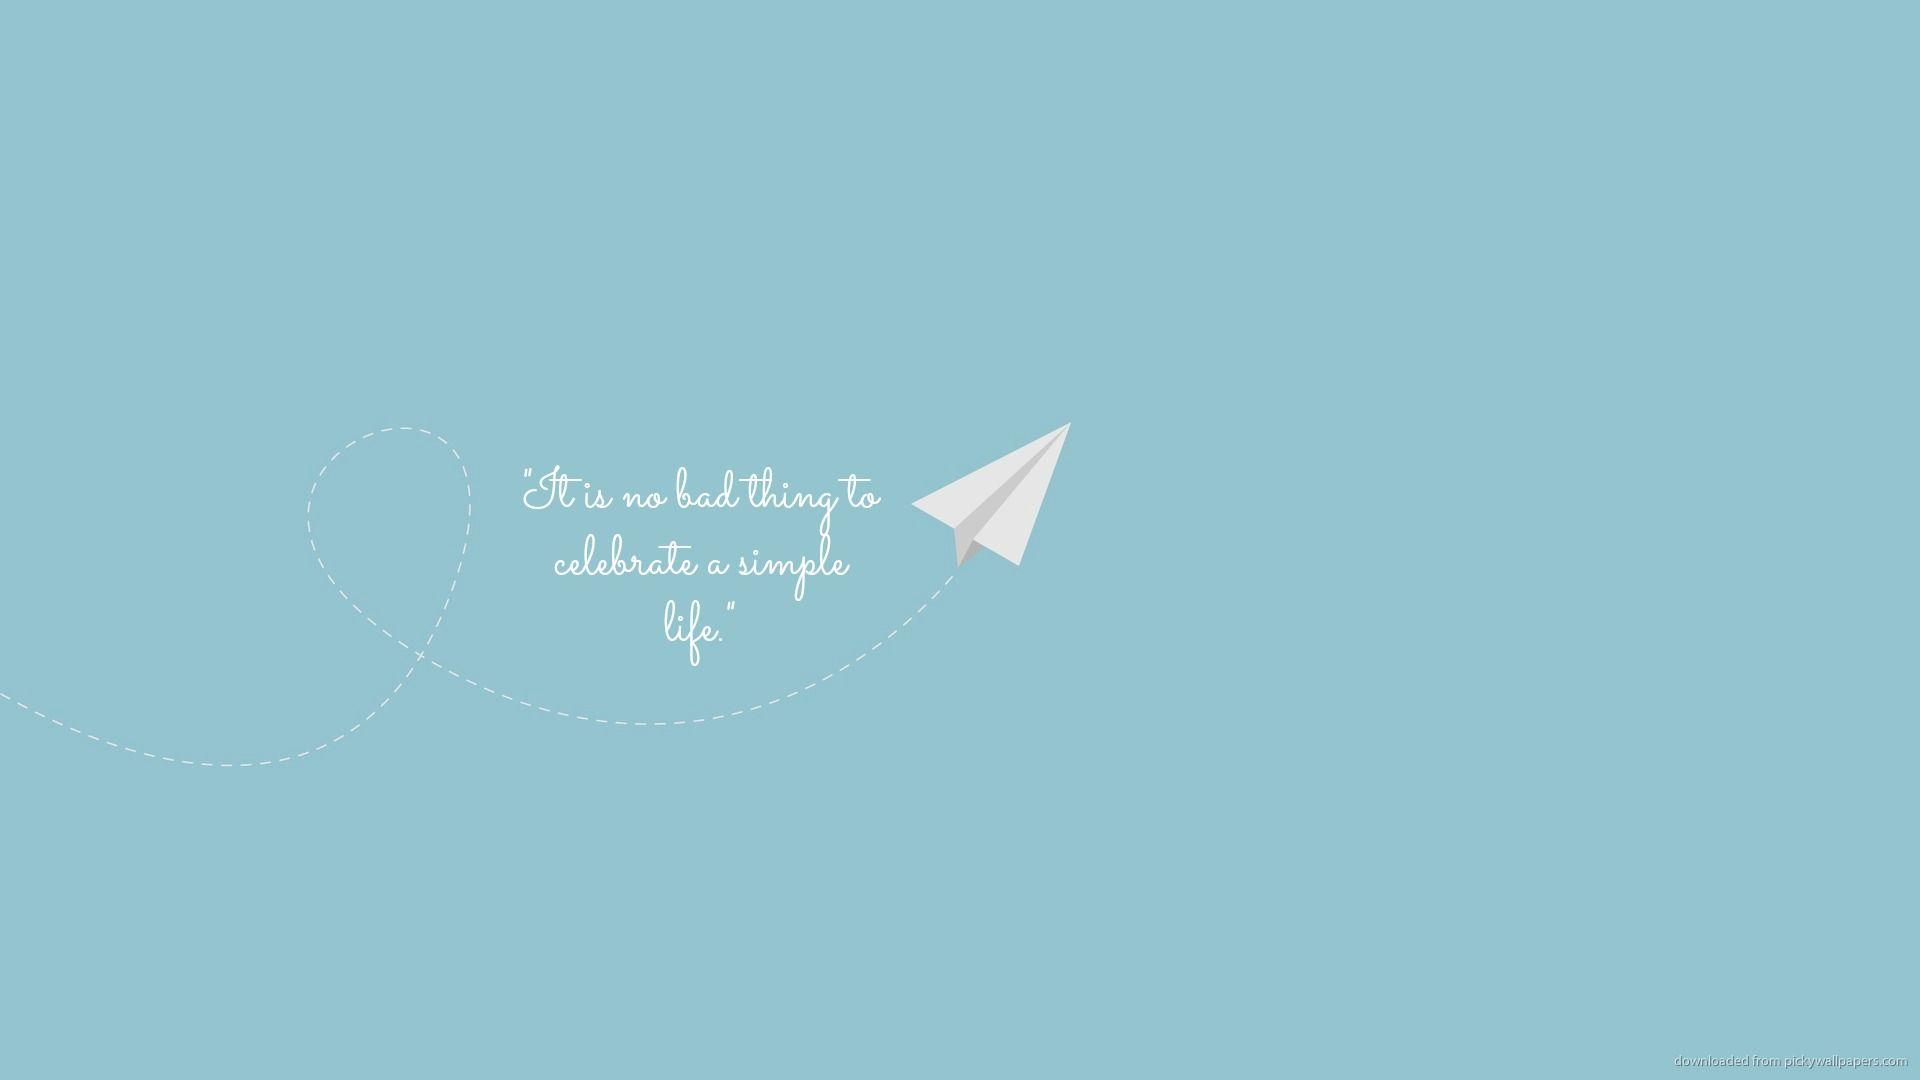 Simple Life Google Zoeken Inspirational Quotes Wallpapers Wallpaper Quotes Inspirational Quotes